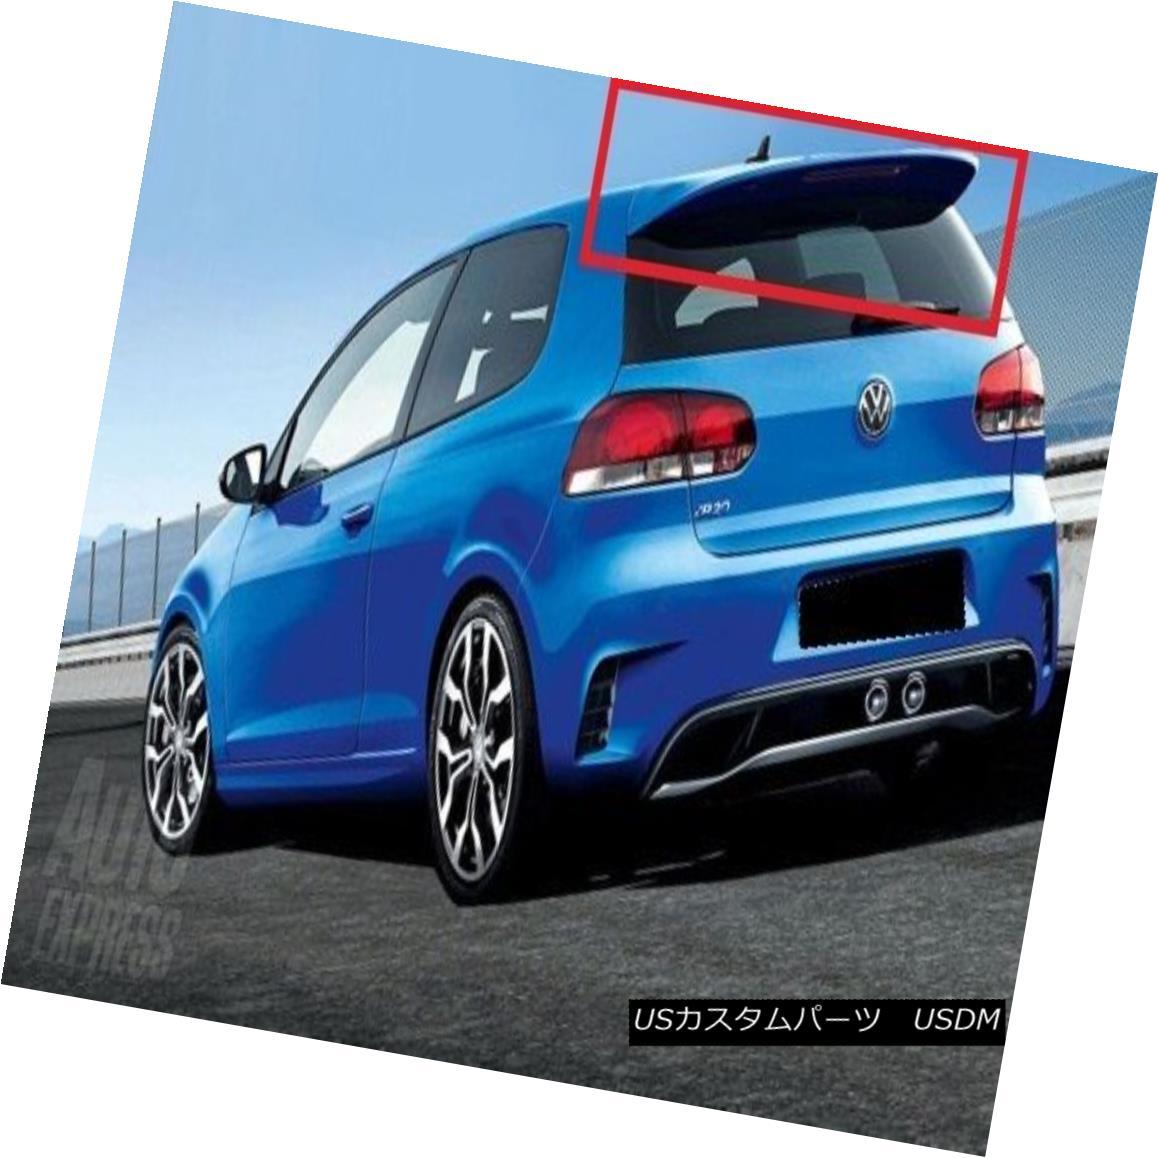 エアロパーツ VW VOLKSWAGEN GOLF 6 MK6 2008-2012 REAR ROOF SPOILER NEW VWフォルクスワーゲンゴルフ6 MK6 2008-2012リアルーポスポイラー